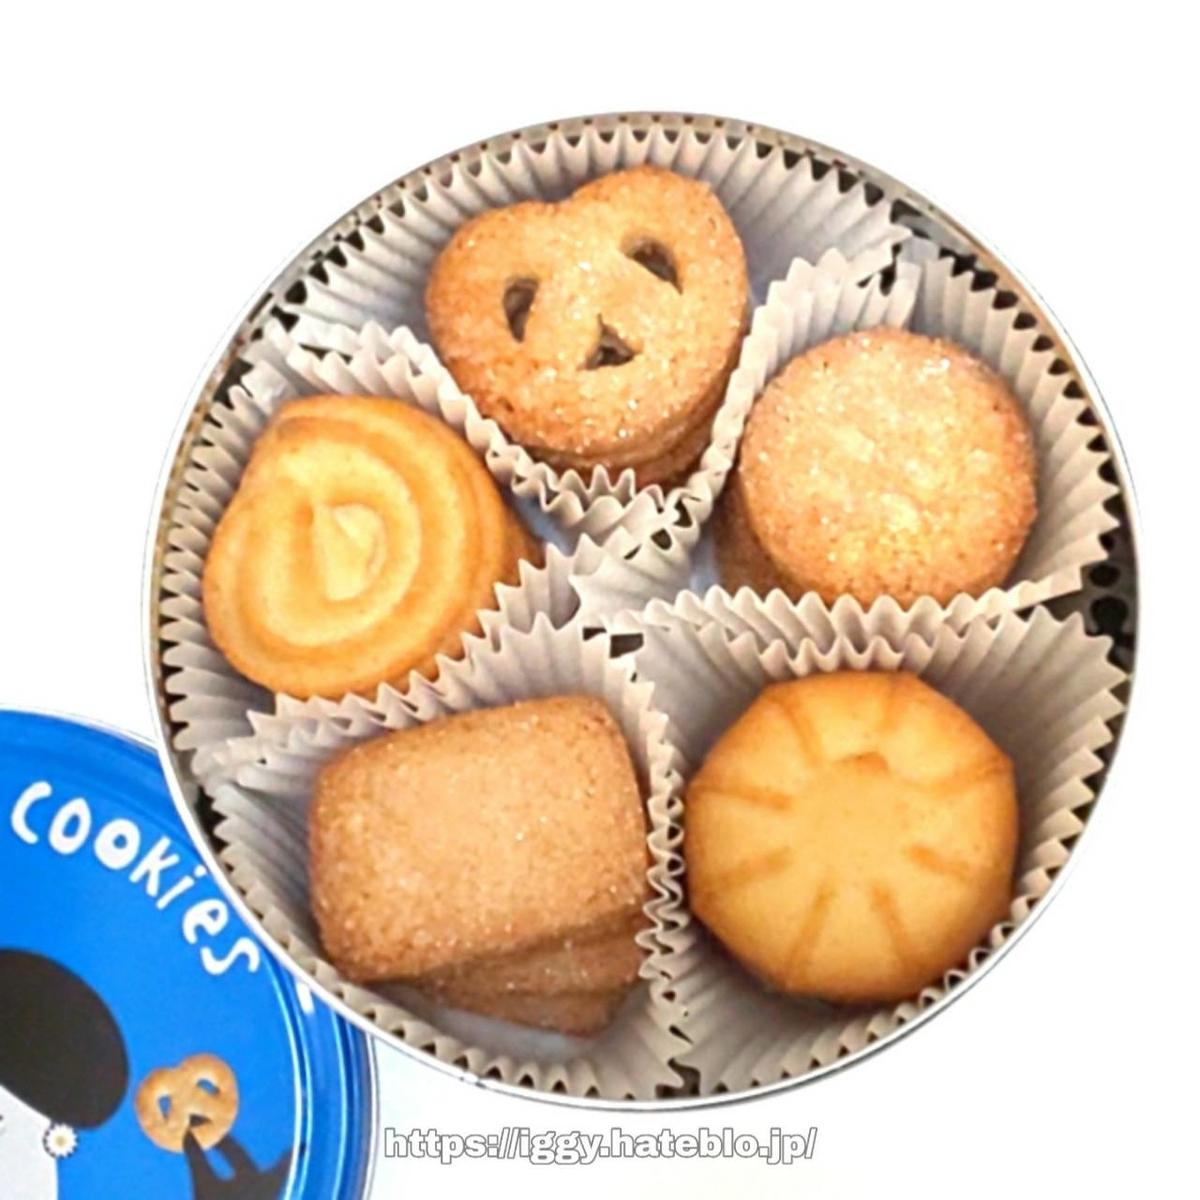 フライングタイガー バタークッキー 感想 口コミ 人気商品